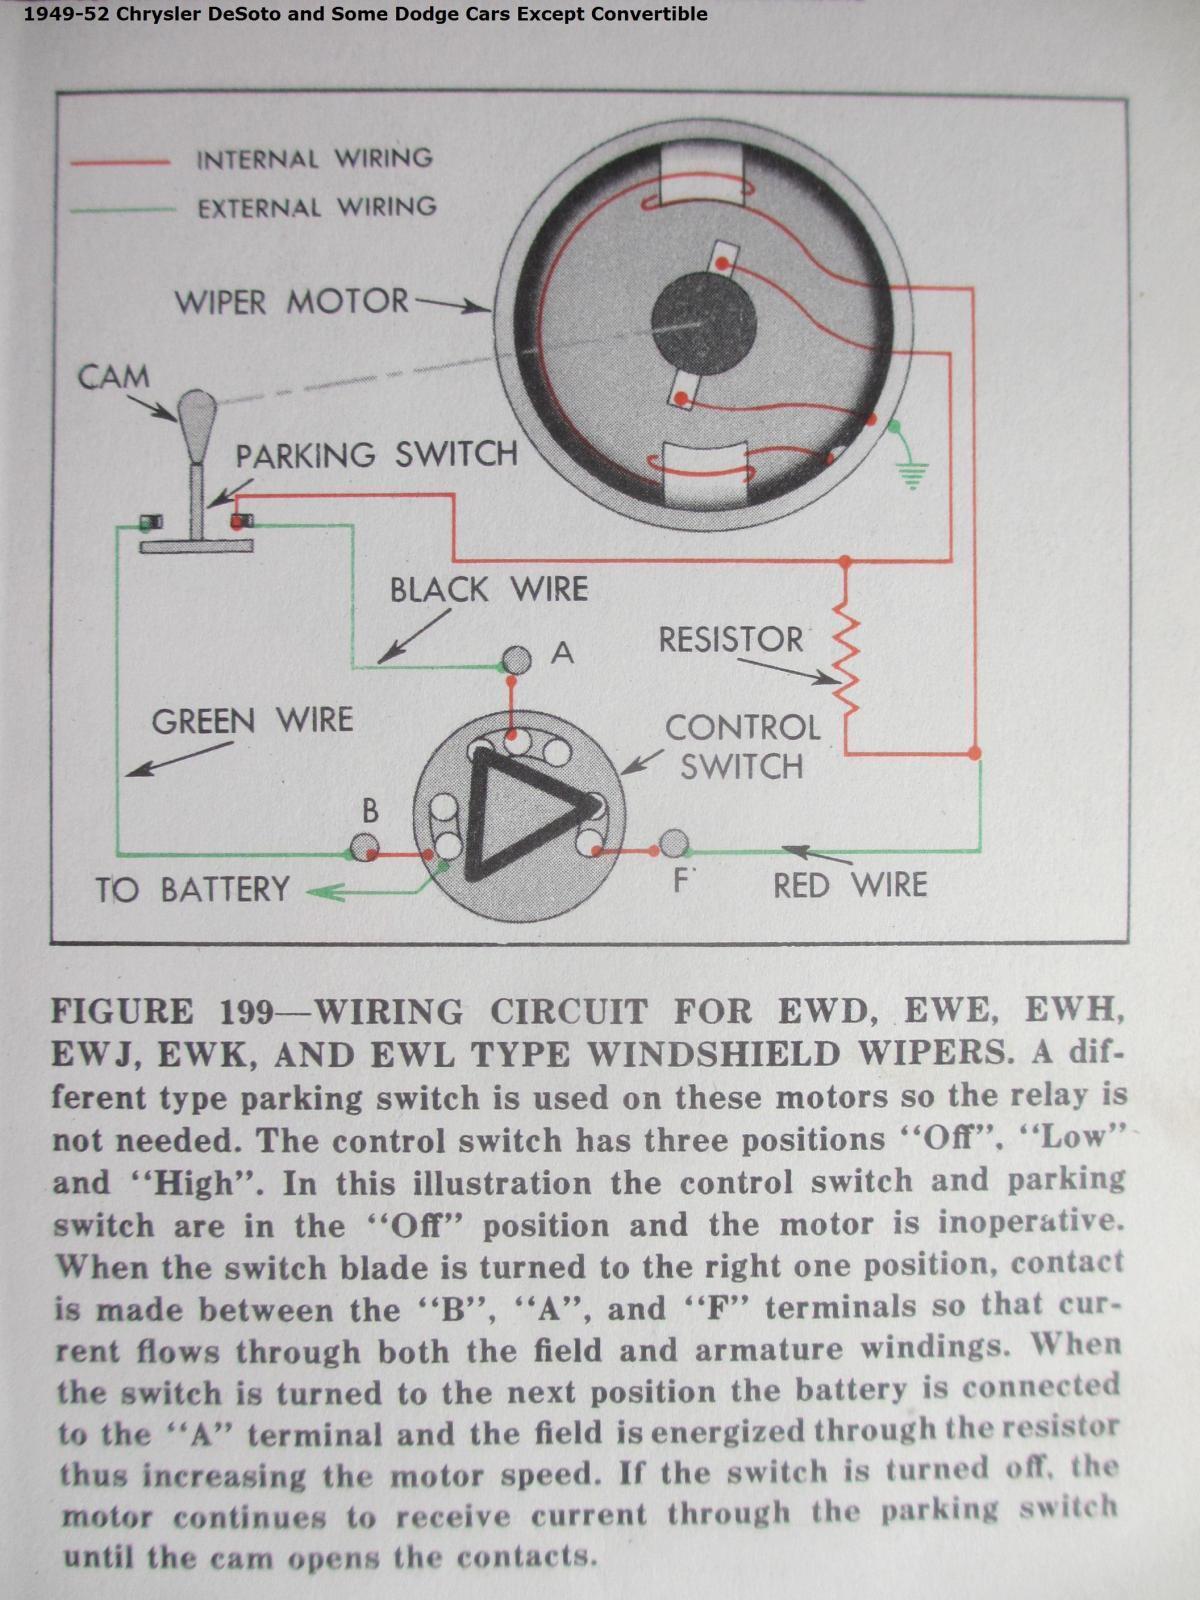 1959 Desoto Wiring Diagram - Meyer Snow Plow Pump Wiring Diagram for Wiring  Diagram SchematicsWiring Diagram Schematics